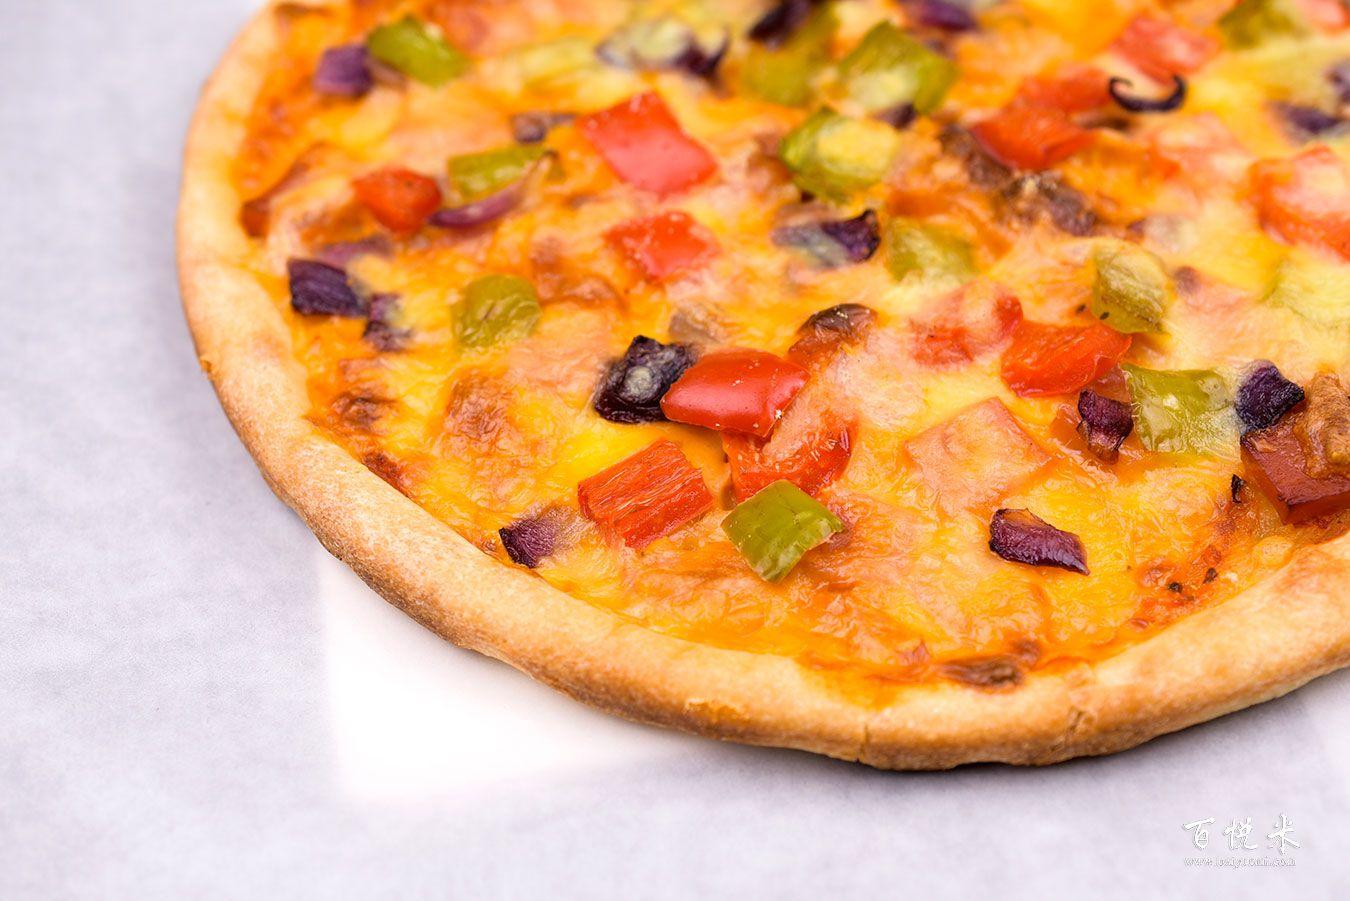 培根披萨高清图片大全【蛋糕图片】_789